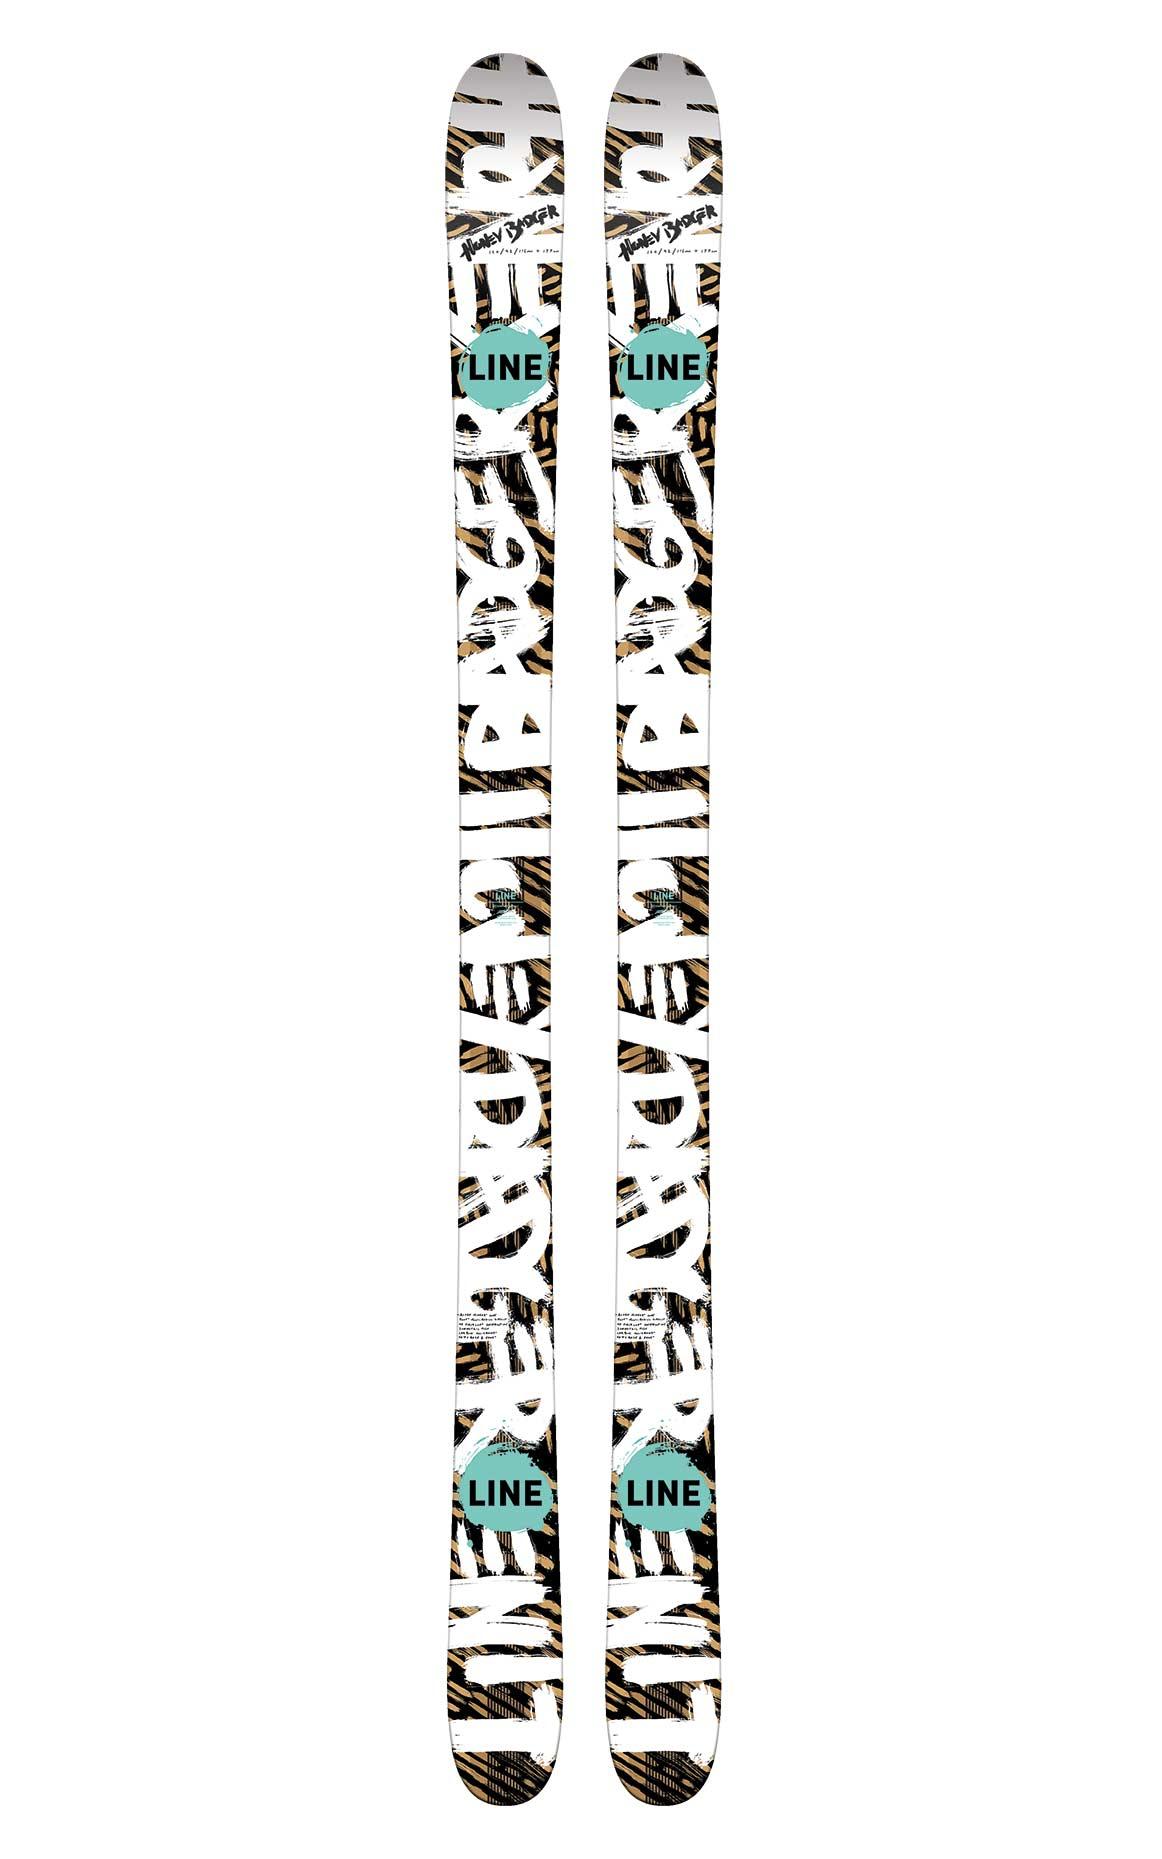 Line Skis – Honey Badger 2022